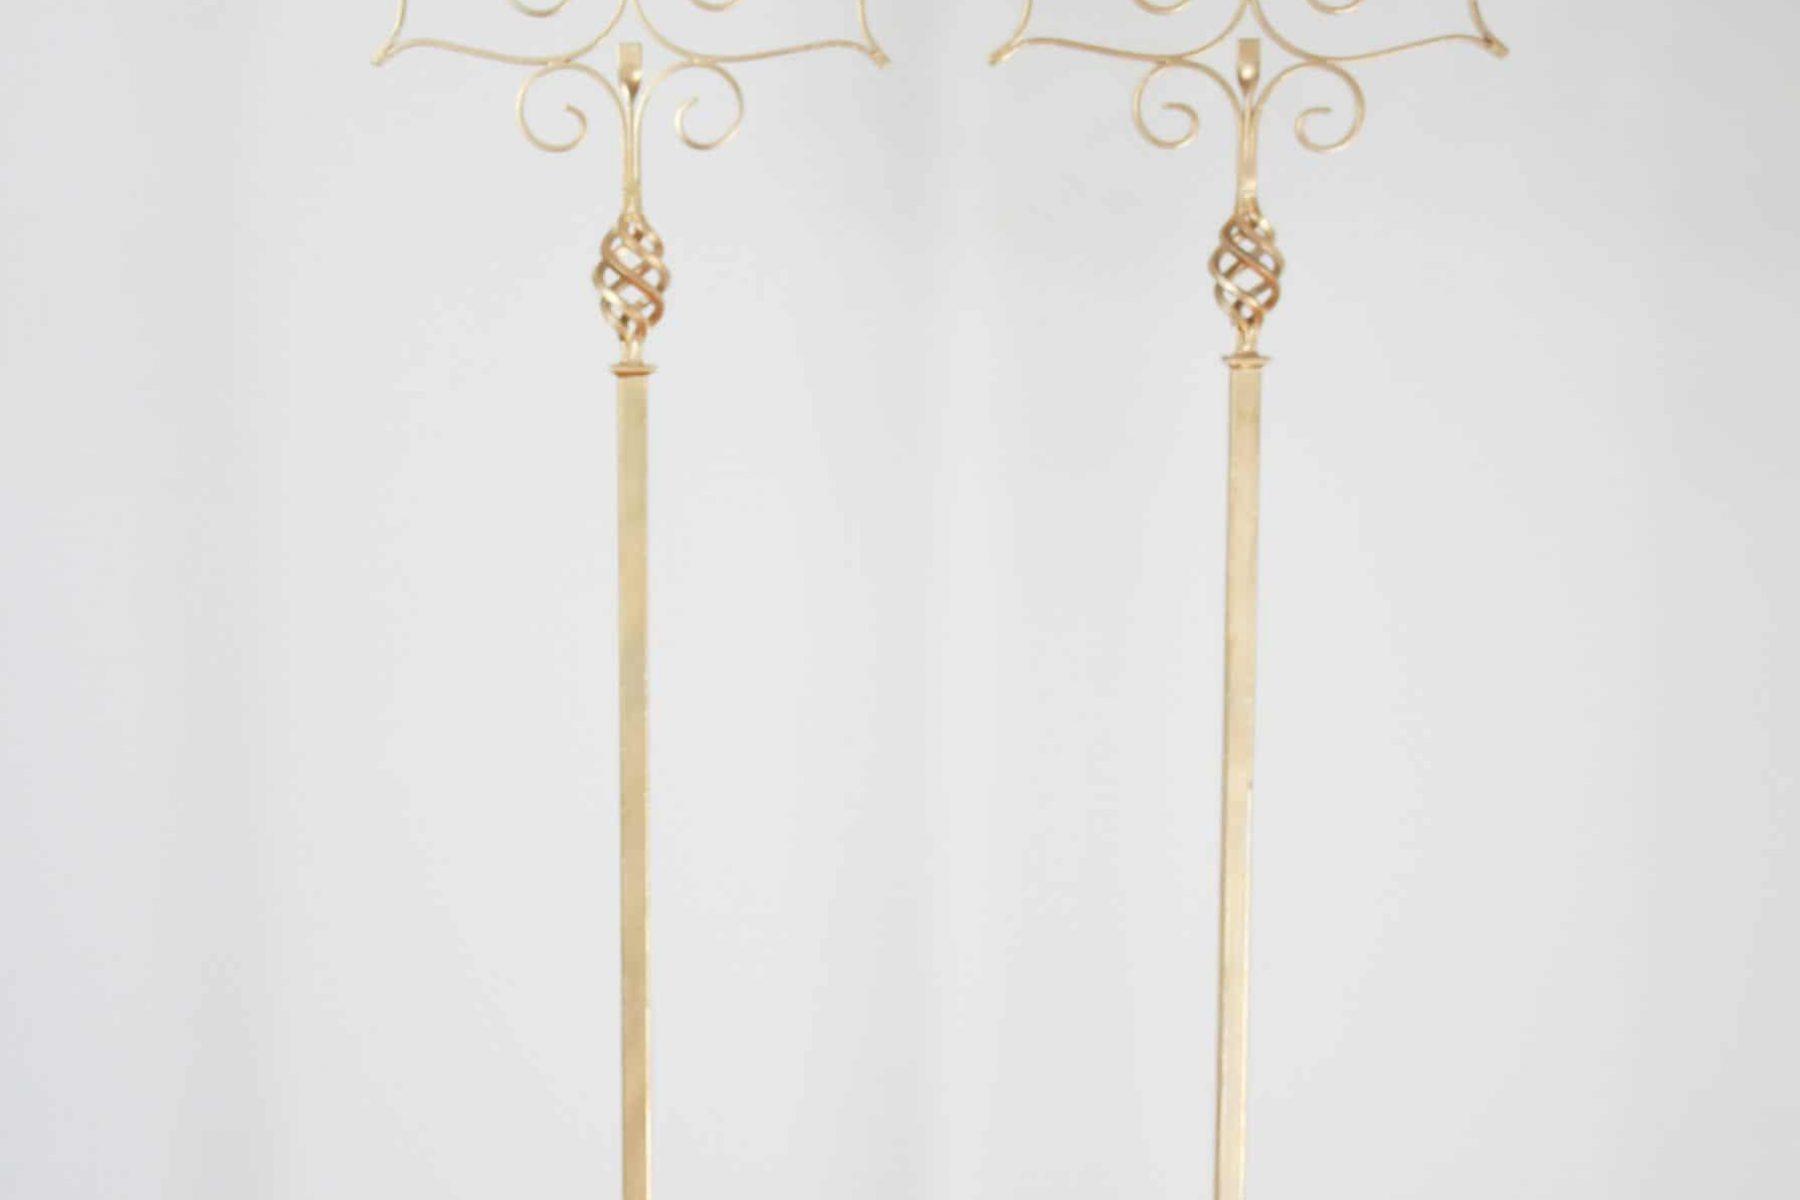 candelabras 2